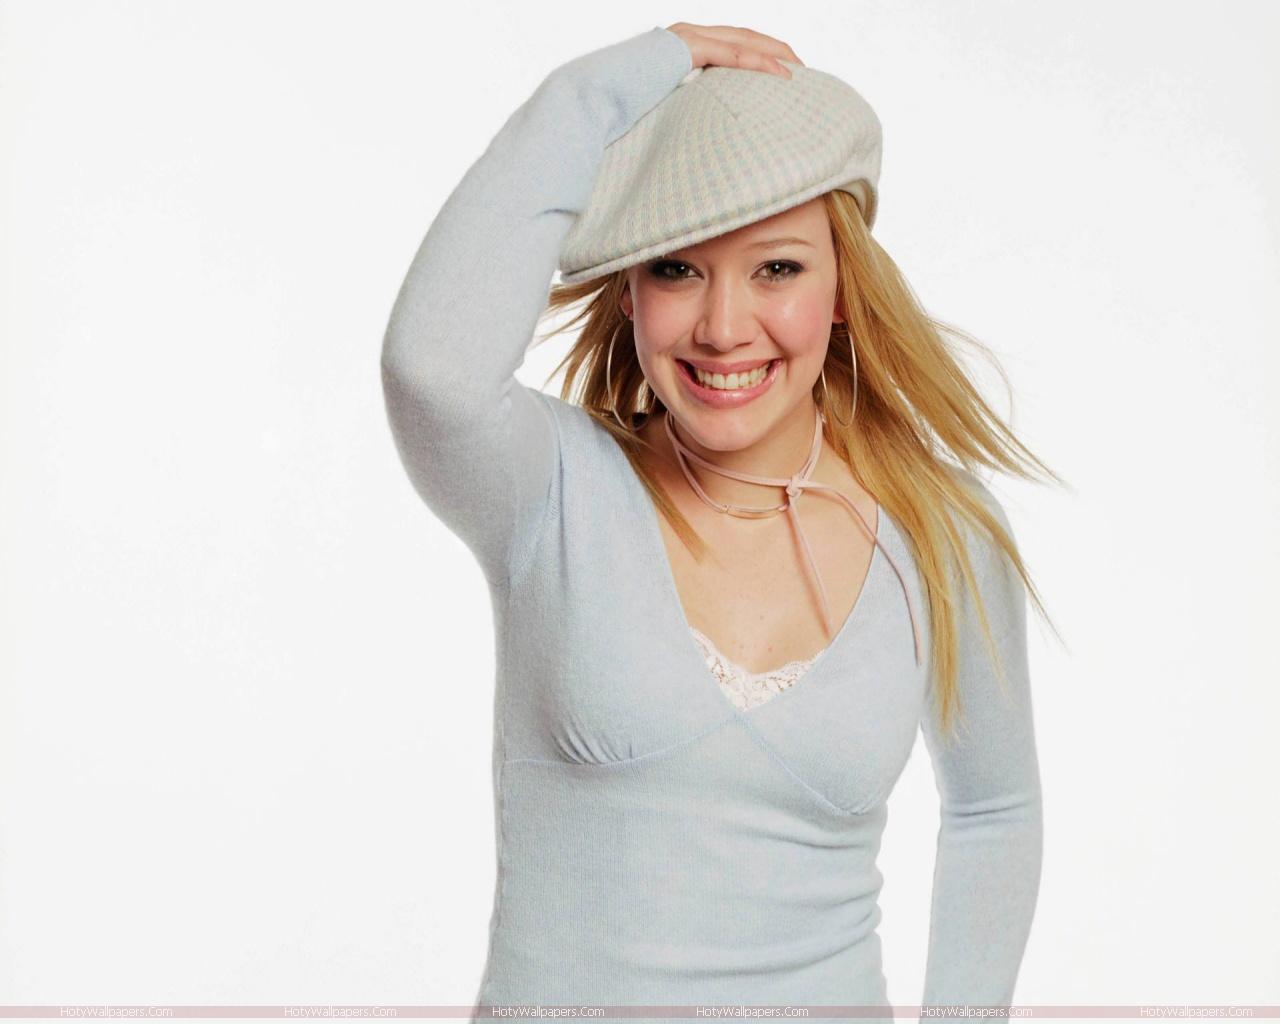 http://4.bp.blogspot.com/-fnNA6r1kmxY/TmTxGTgUIDI/AAAAAAAAKUo/1ocHvR33JVQ/s1600/Hilary_Duff_wallpaper.jpg